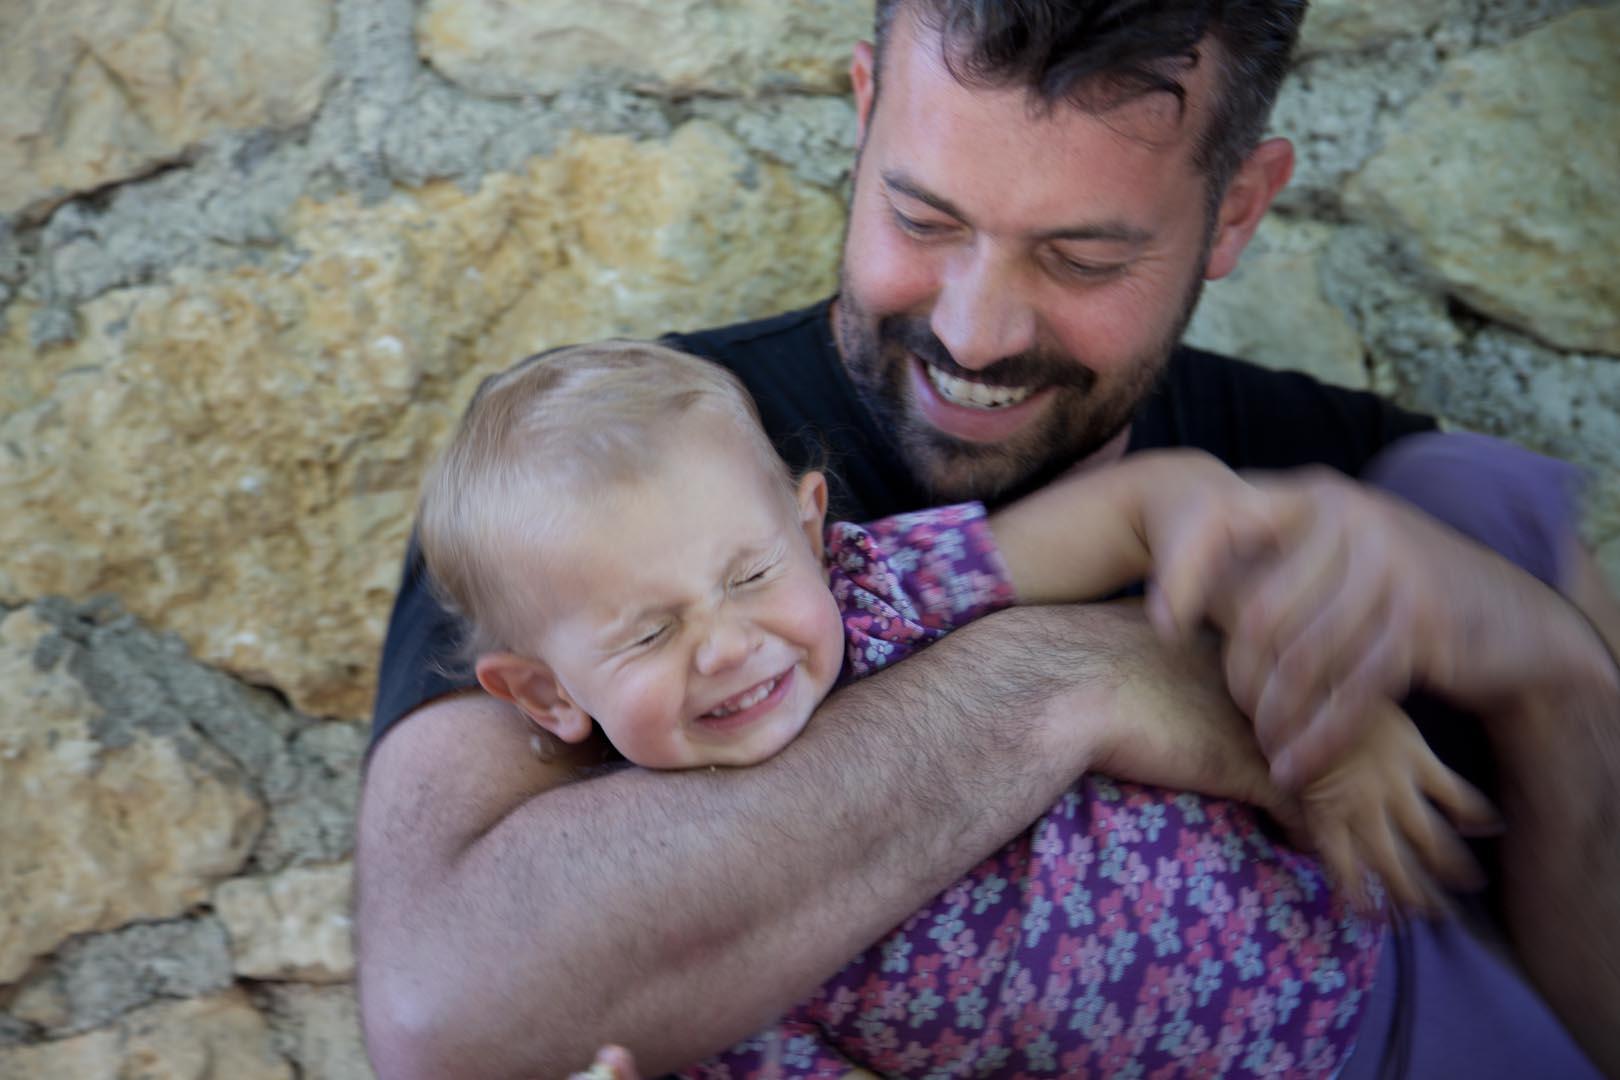 Giochi tra papà e figlia. Pineta family style.